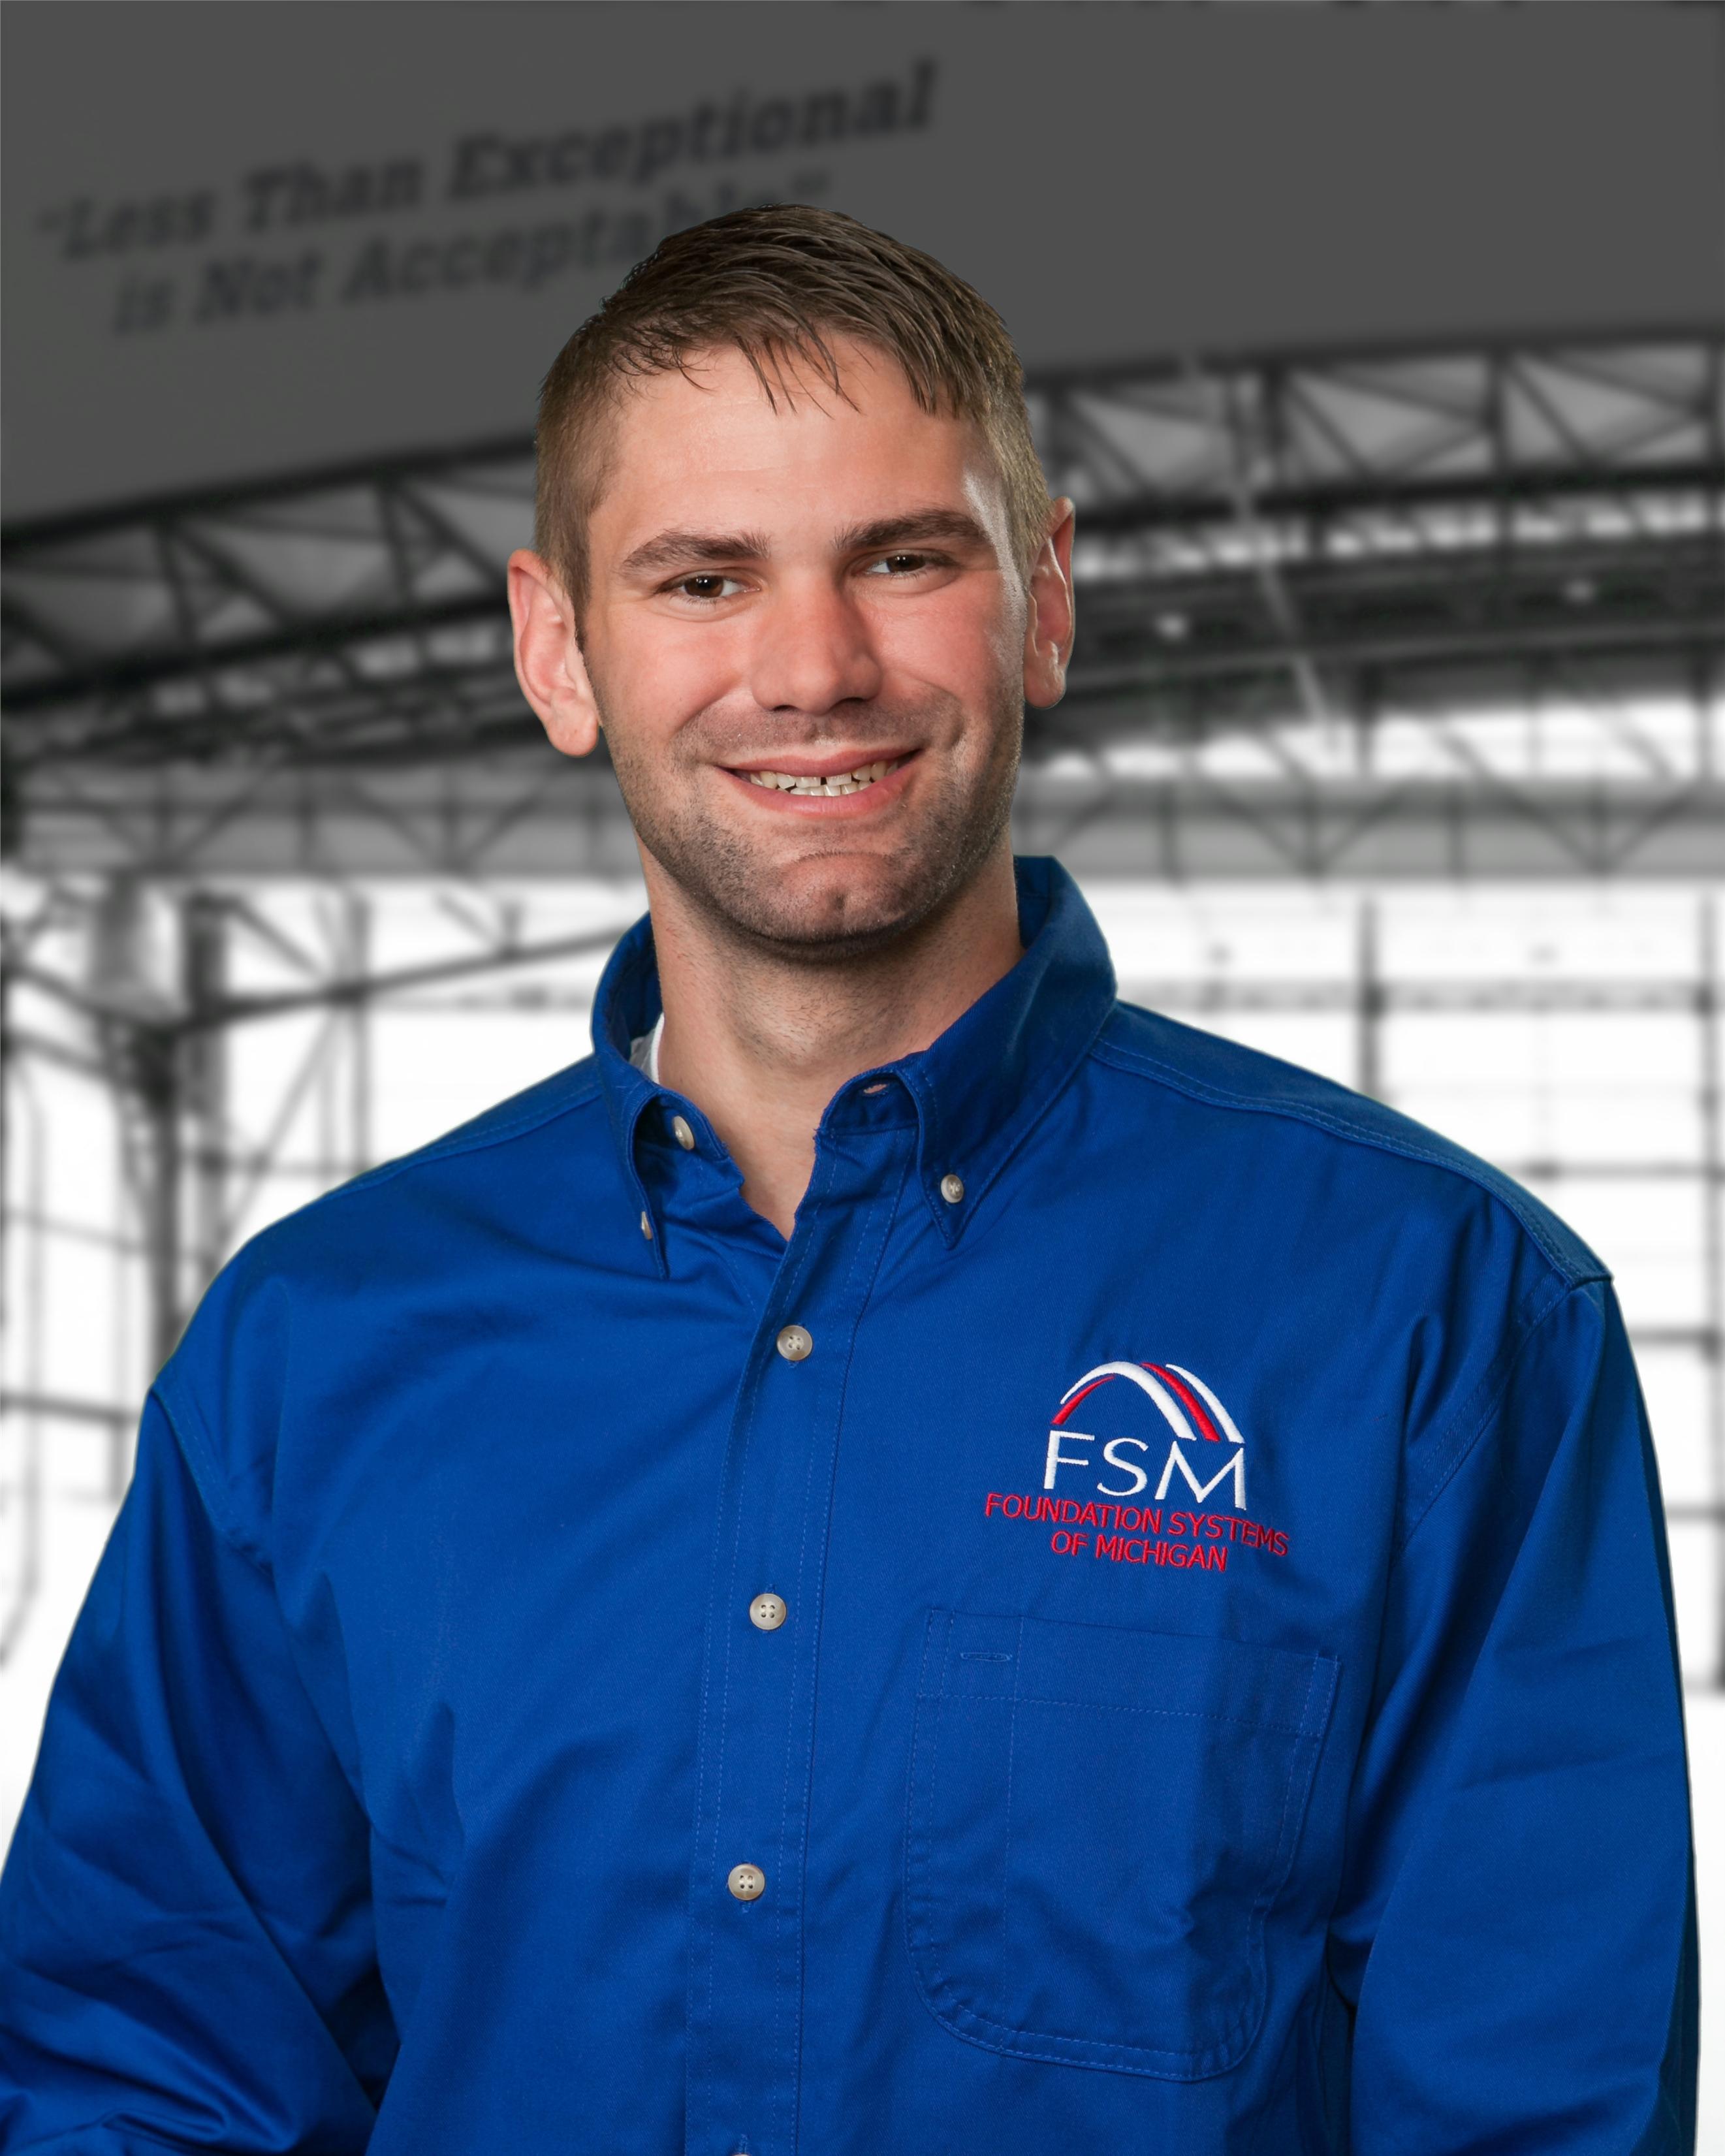 FSM Justin Keway Service Technician